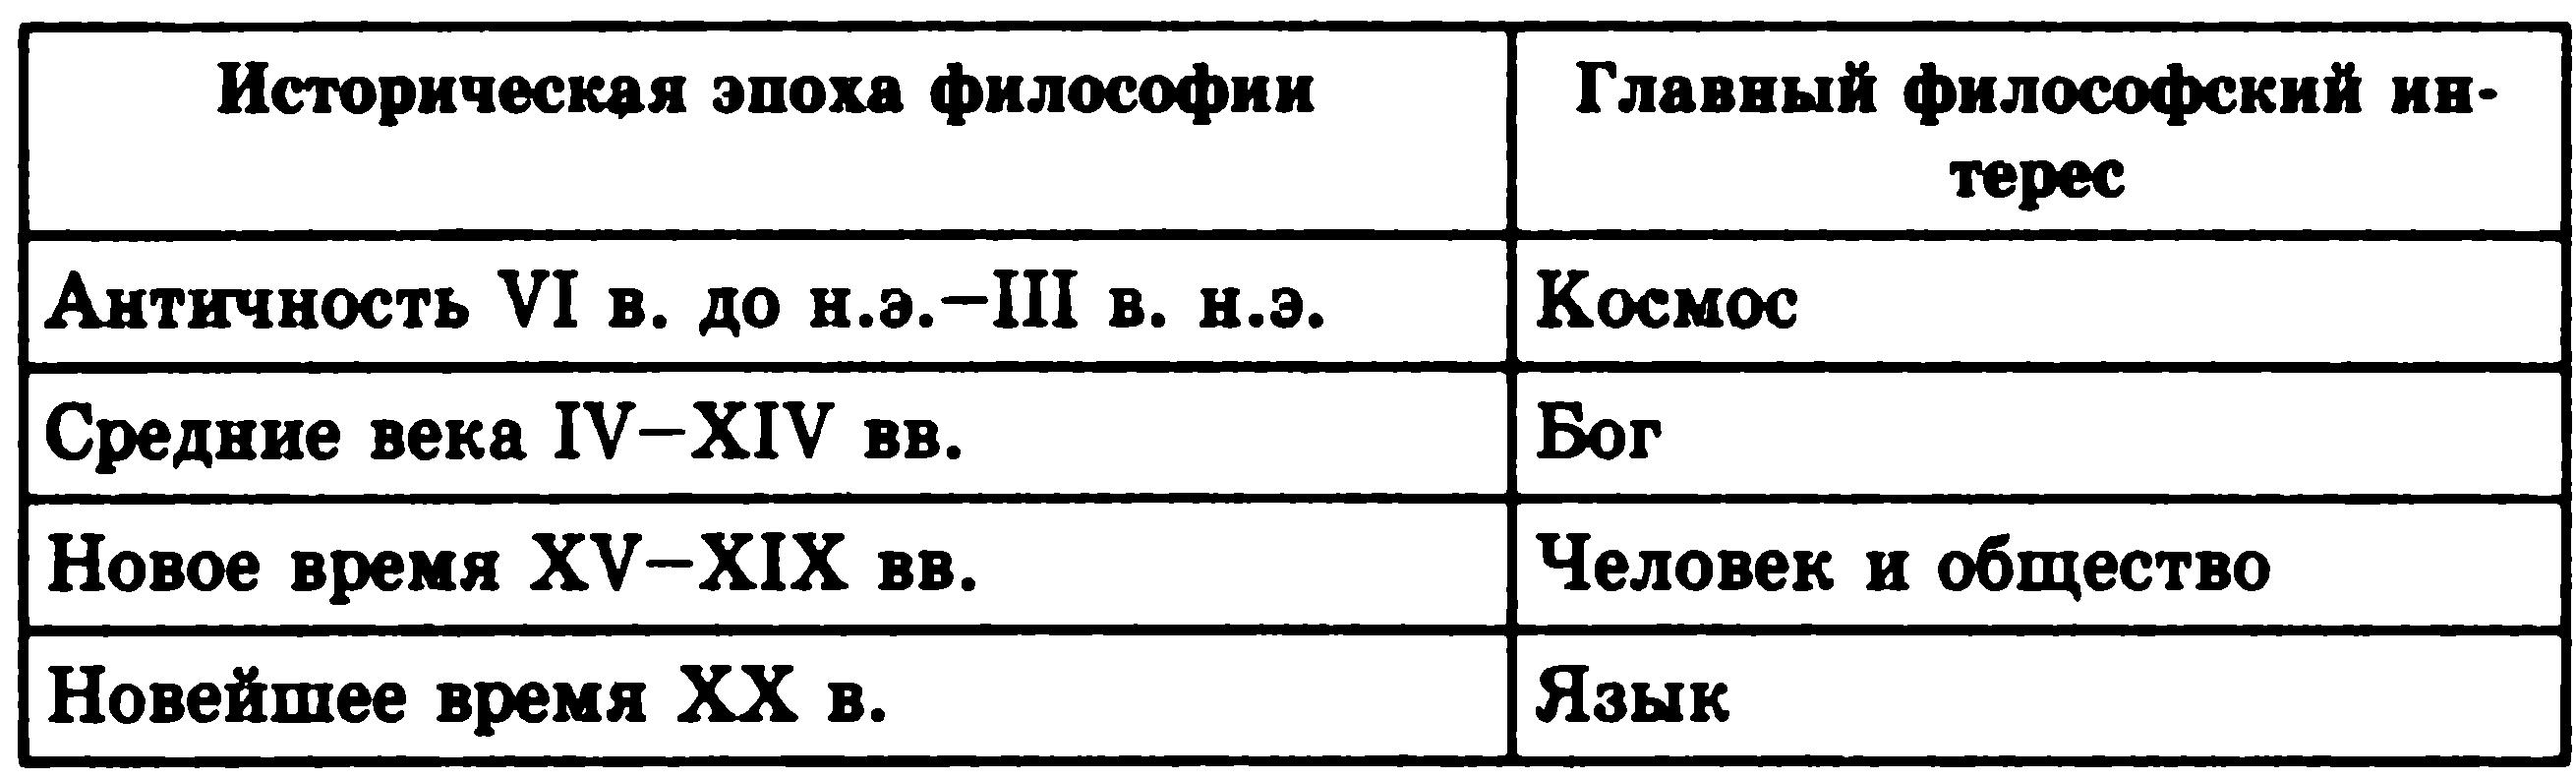 Античная философия платона реферат 4563